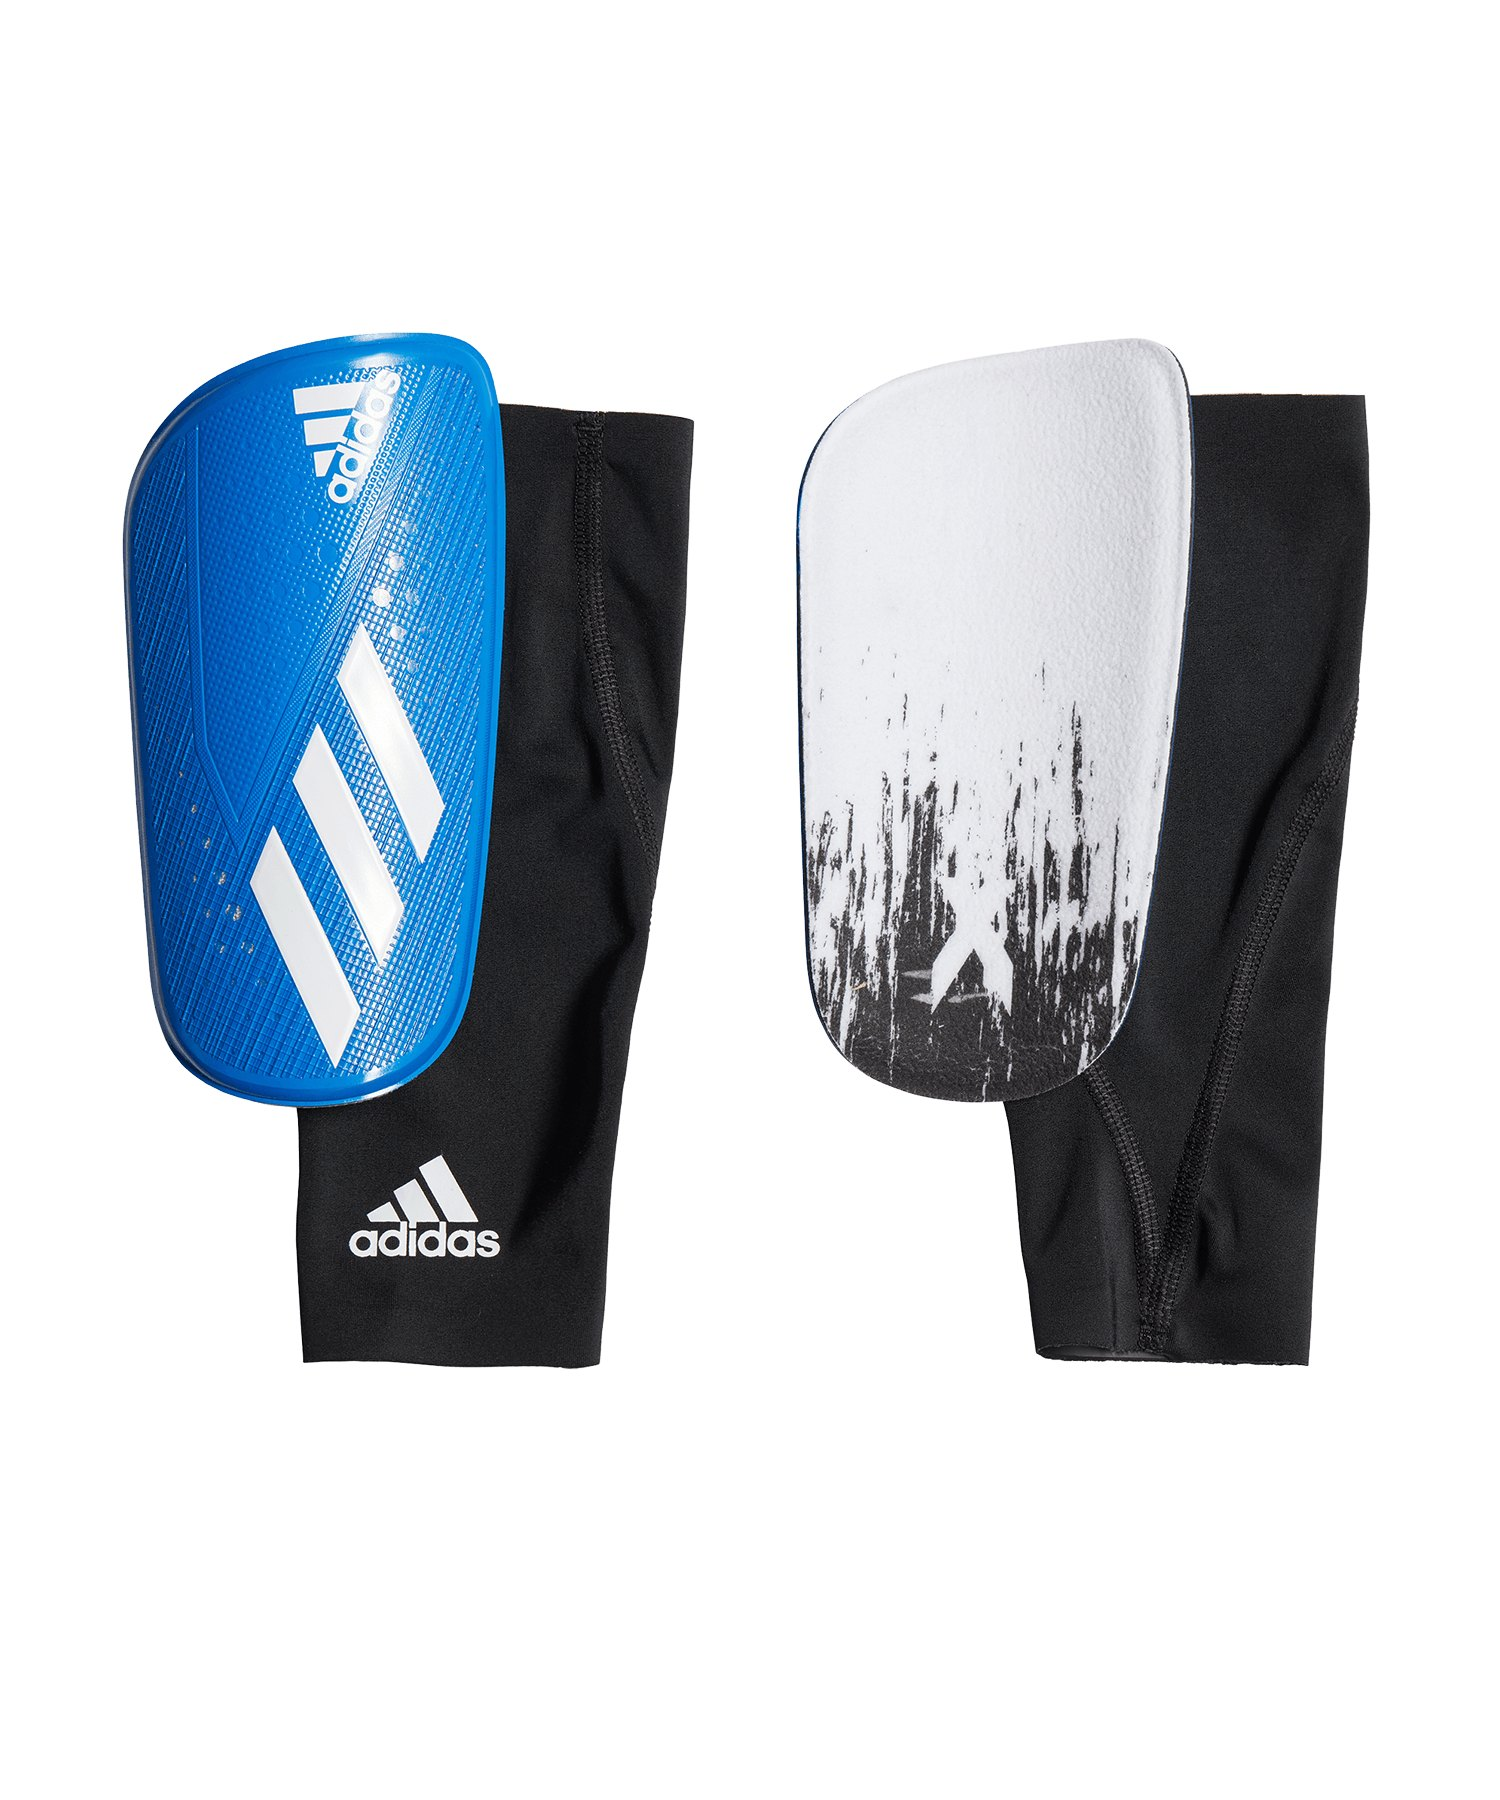 adidas X Pro Schienbeinschoner Schwarz Blau - schwarz